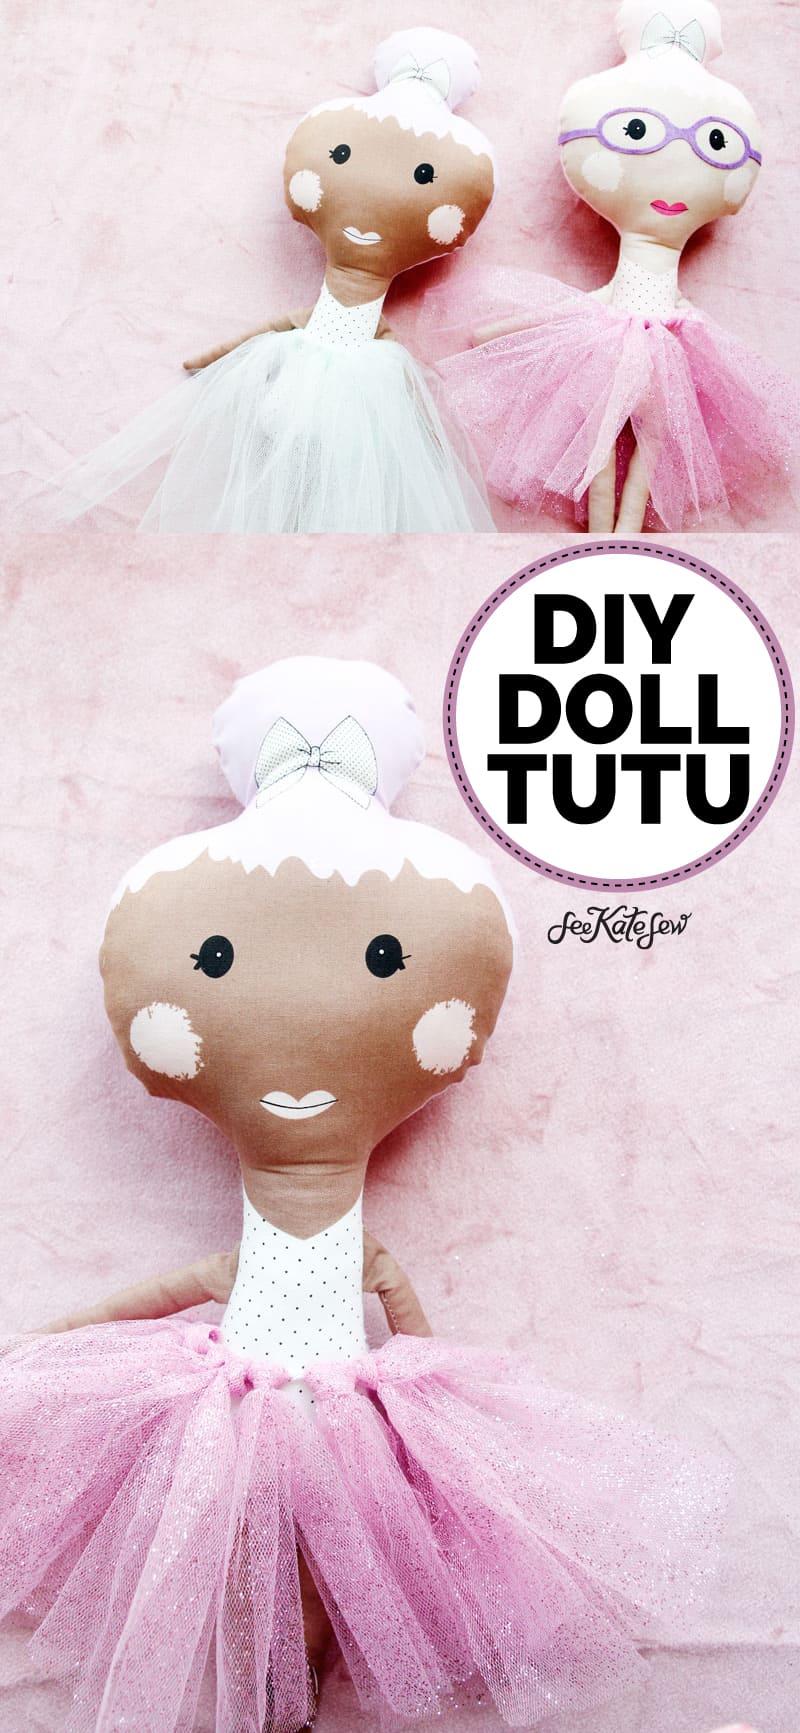 DIY DOLL TUTU